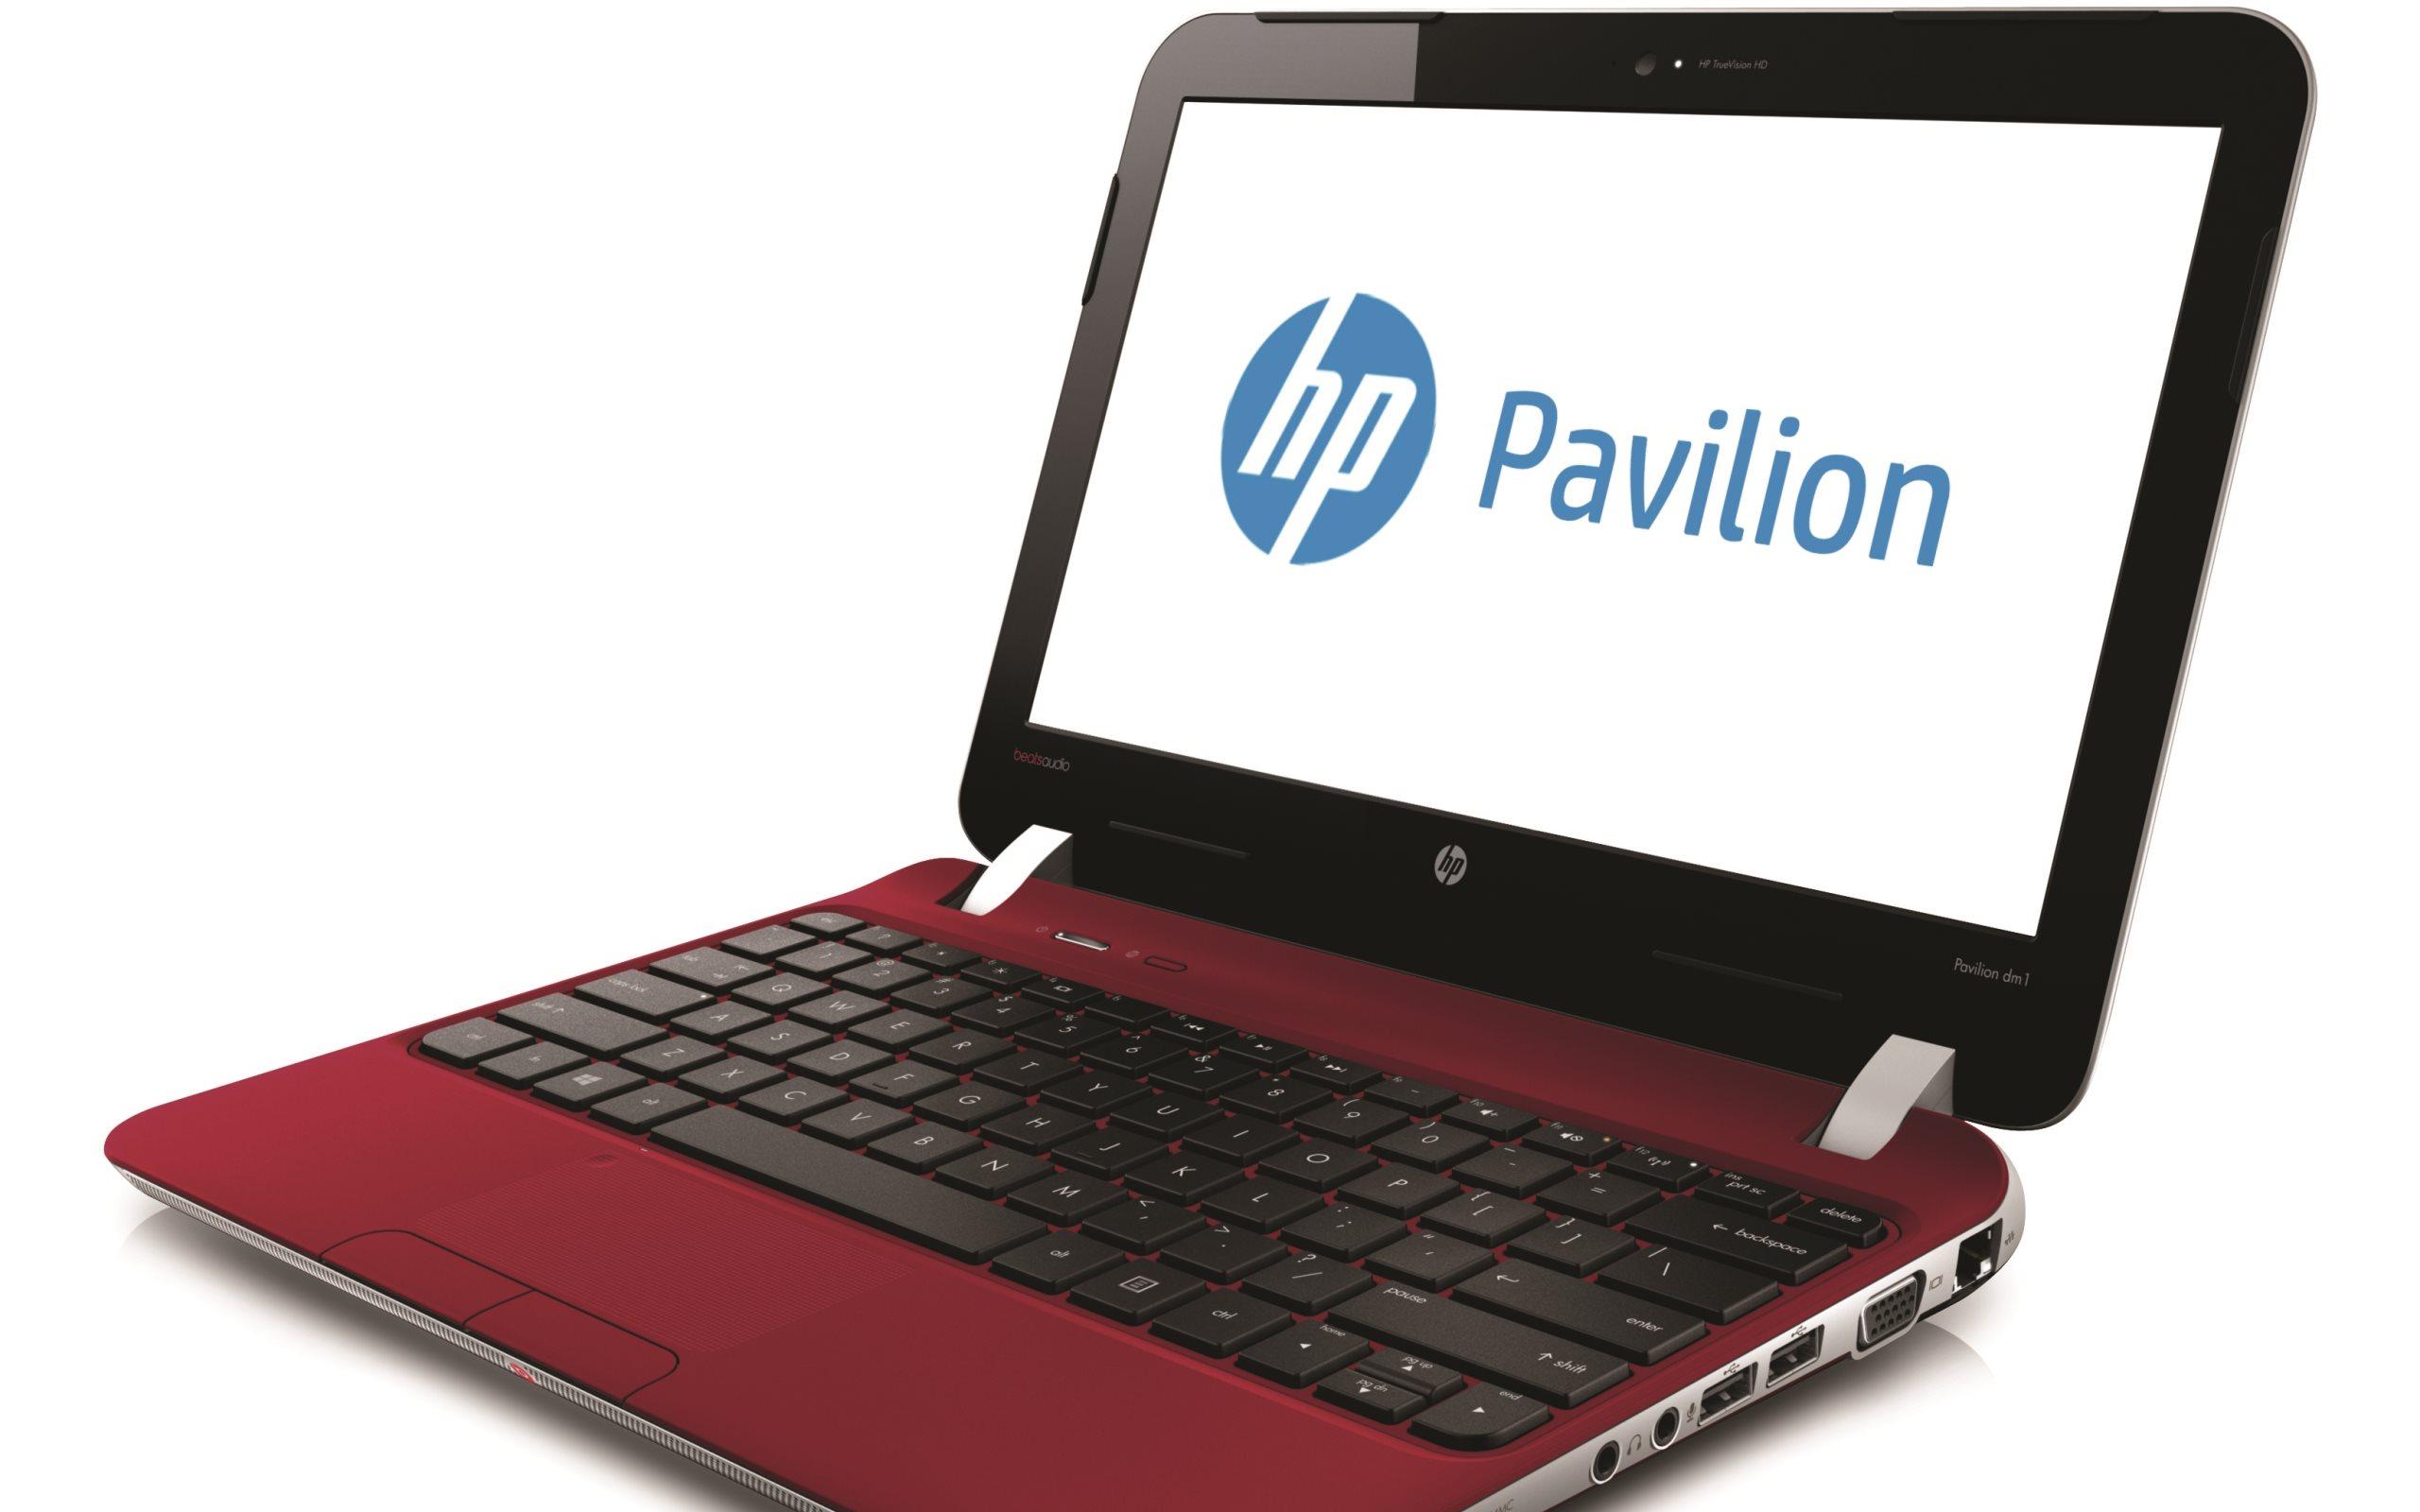 Hp notebook desktop - Widescreen Desktop Macbook